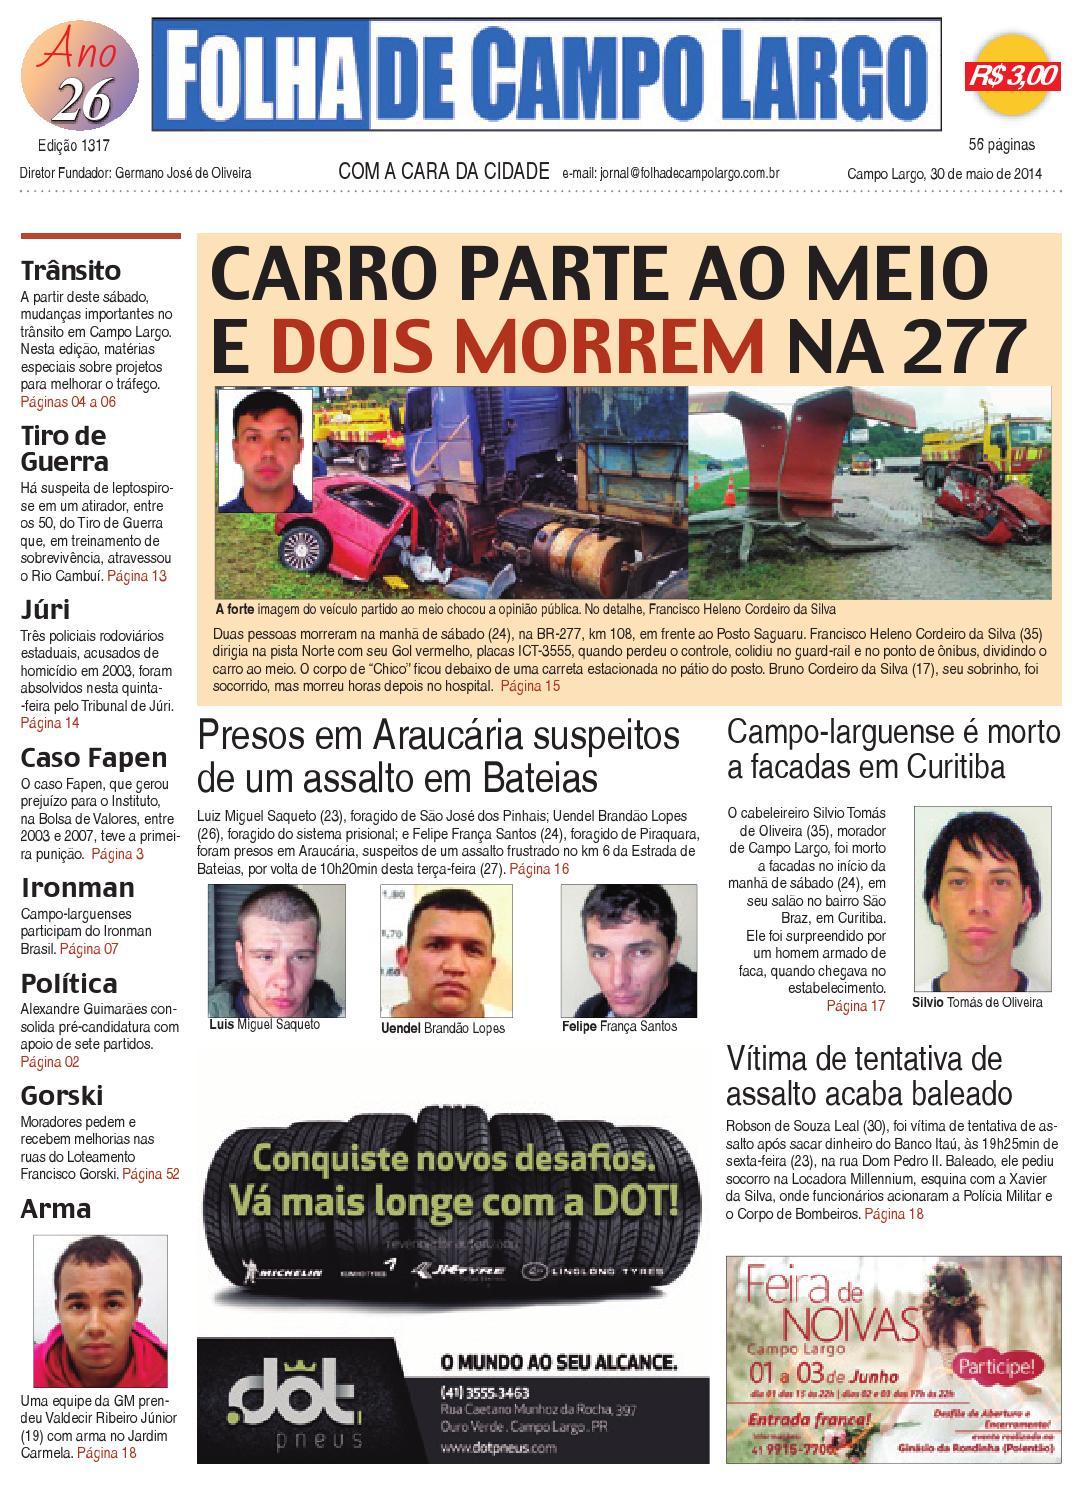 Folha de Campo Largo by Folha de Campo Largo - issuu c17009fa5a